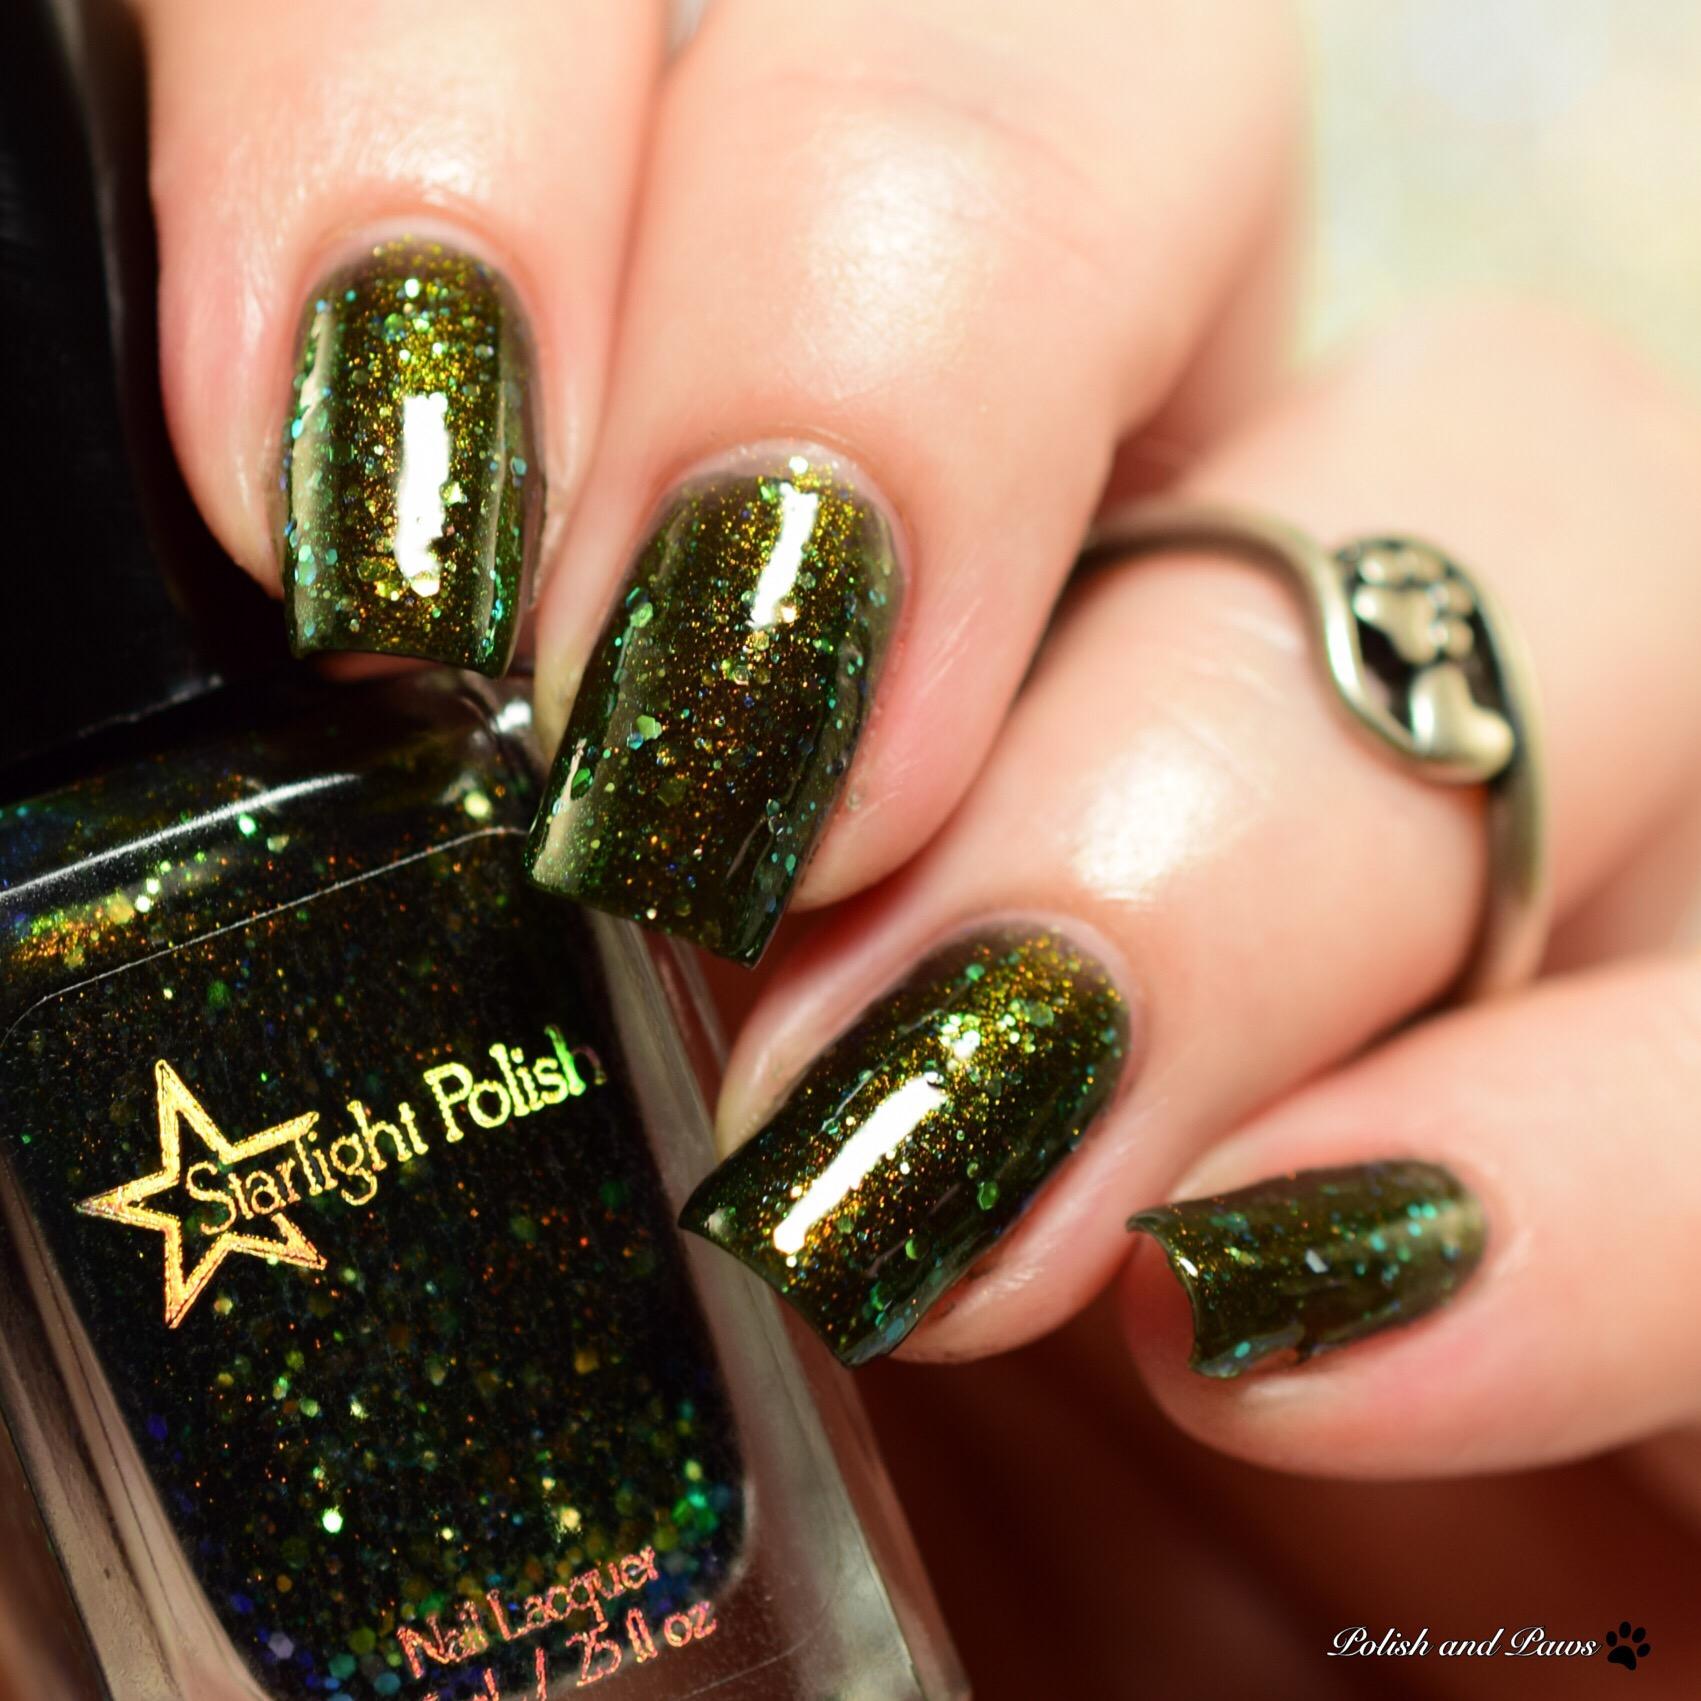 Starlight Polish Dragon Aurora Night